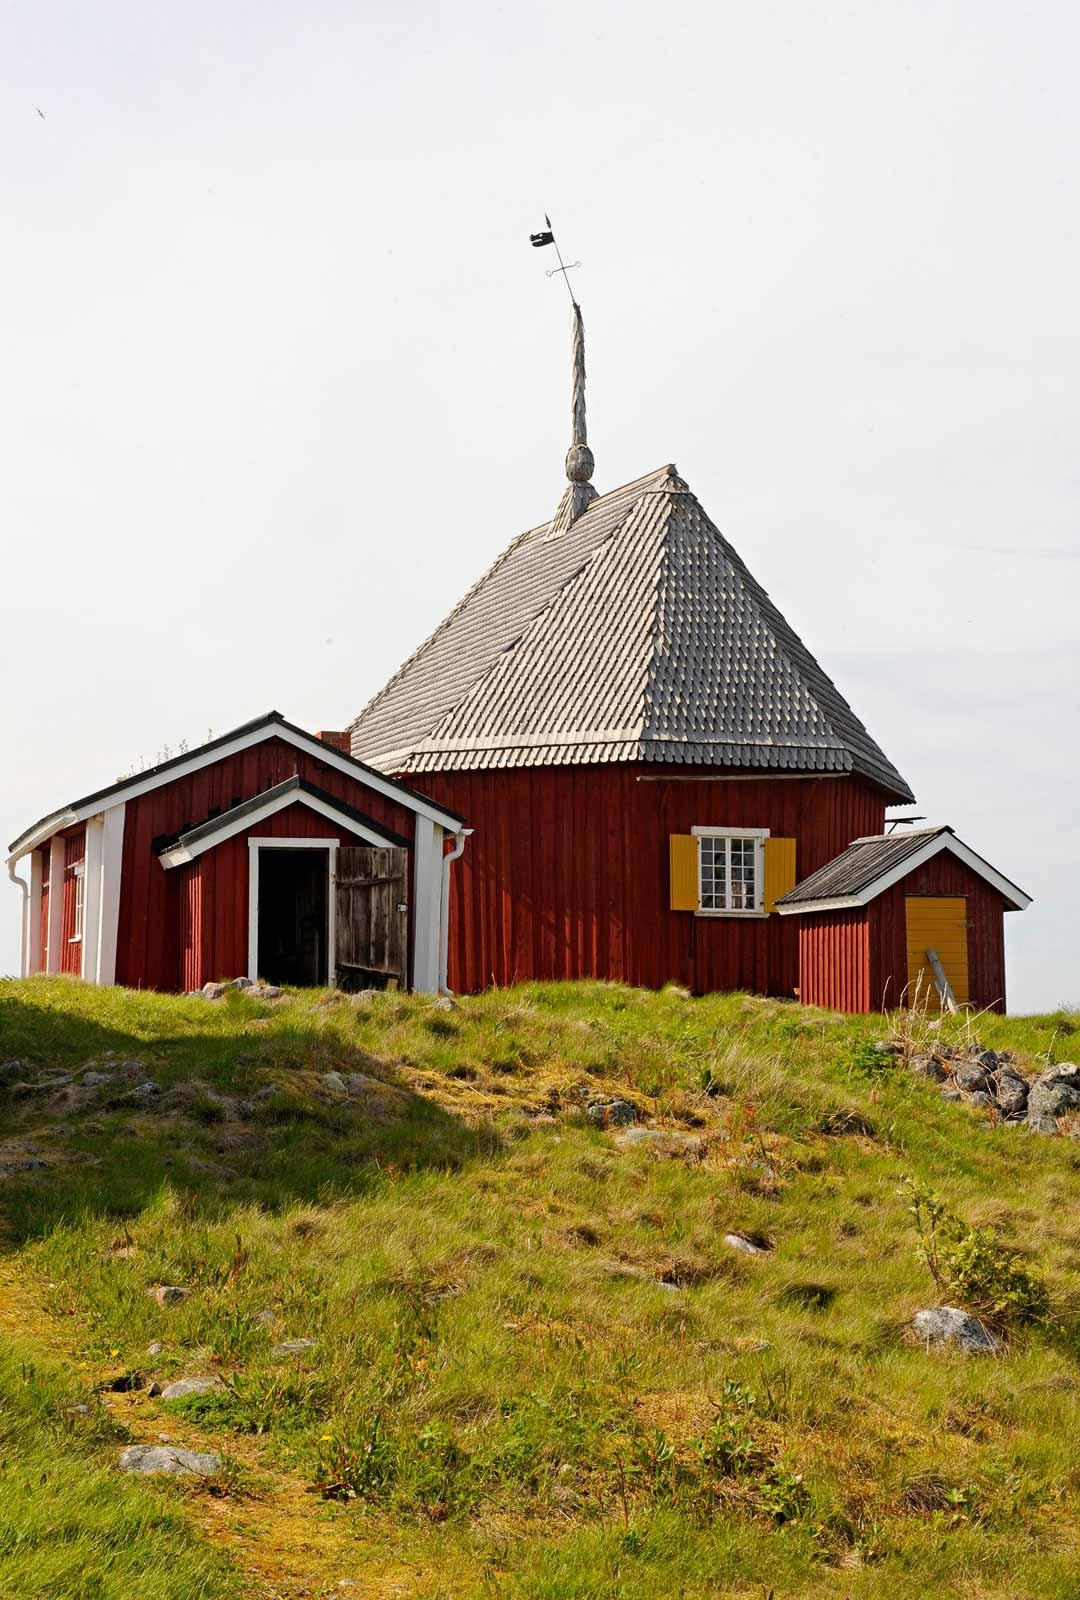 Kirkko kohoaa luodon korkeimmalla kohdalla. Sen kunnosta huolehtivat kalastajat säntillisesti venekuntien aikakaudella.